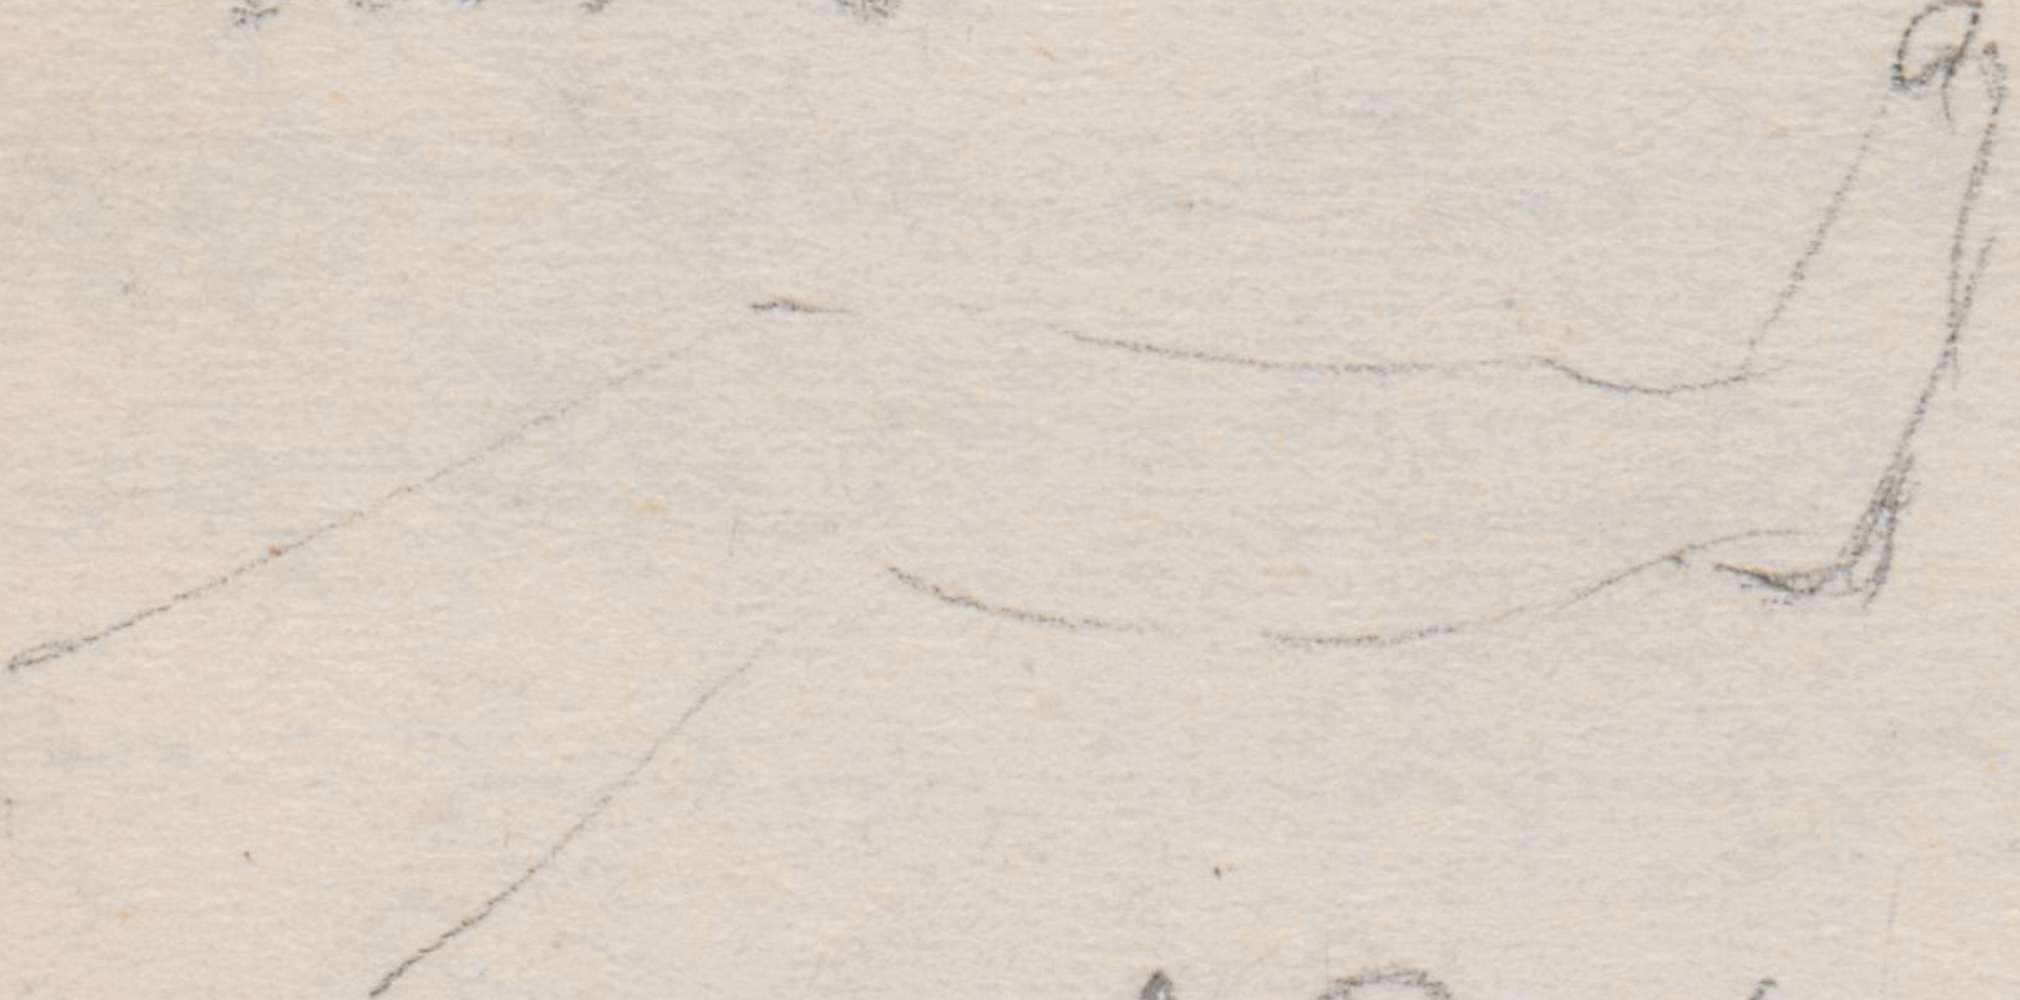 Gemäldeausschnitt; Geschichte des Heiligen Christopherus [Freskenzyklus, 1944 teilw. zerstört]GeschichtedesHeiligenChristopherus[Freskenzyklus1944teilwAfalse14311506ital. Maler und KupferstecherMantegnaAndreaMantegna, AndreaFresko zur Geschichte des Heiligen Christopherus.